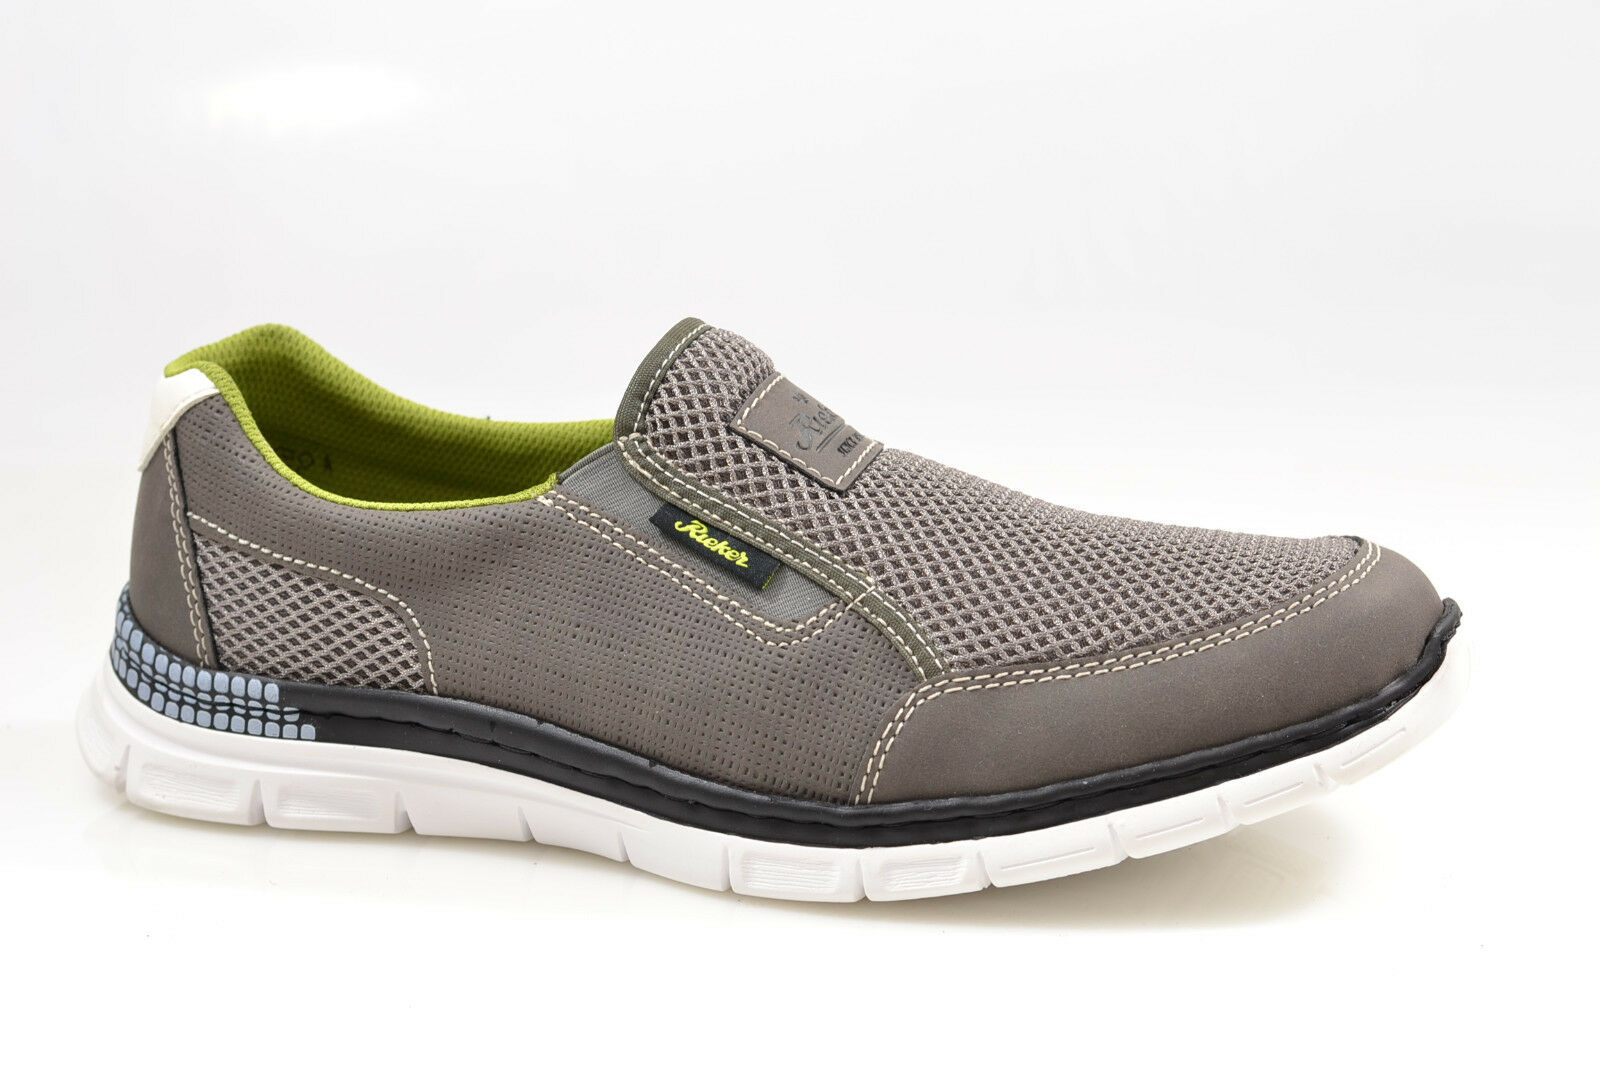 Rieker Herren Sneaker Slipper Halbschuhe grau Gr. 41-46 Neu B4870-45